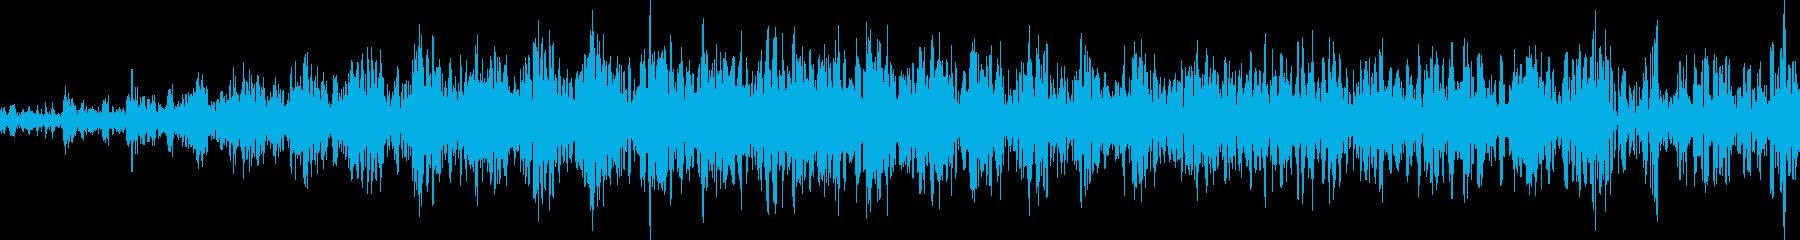 ランダム合成0604 ZGの再生済みの波形